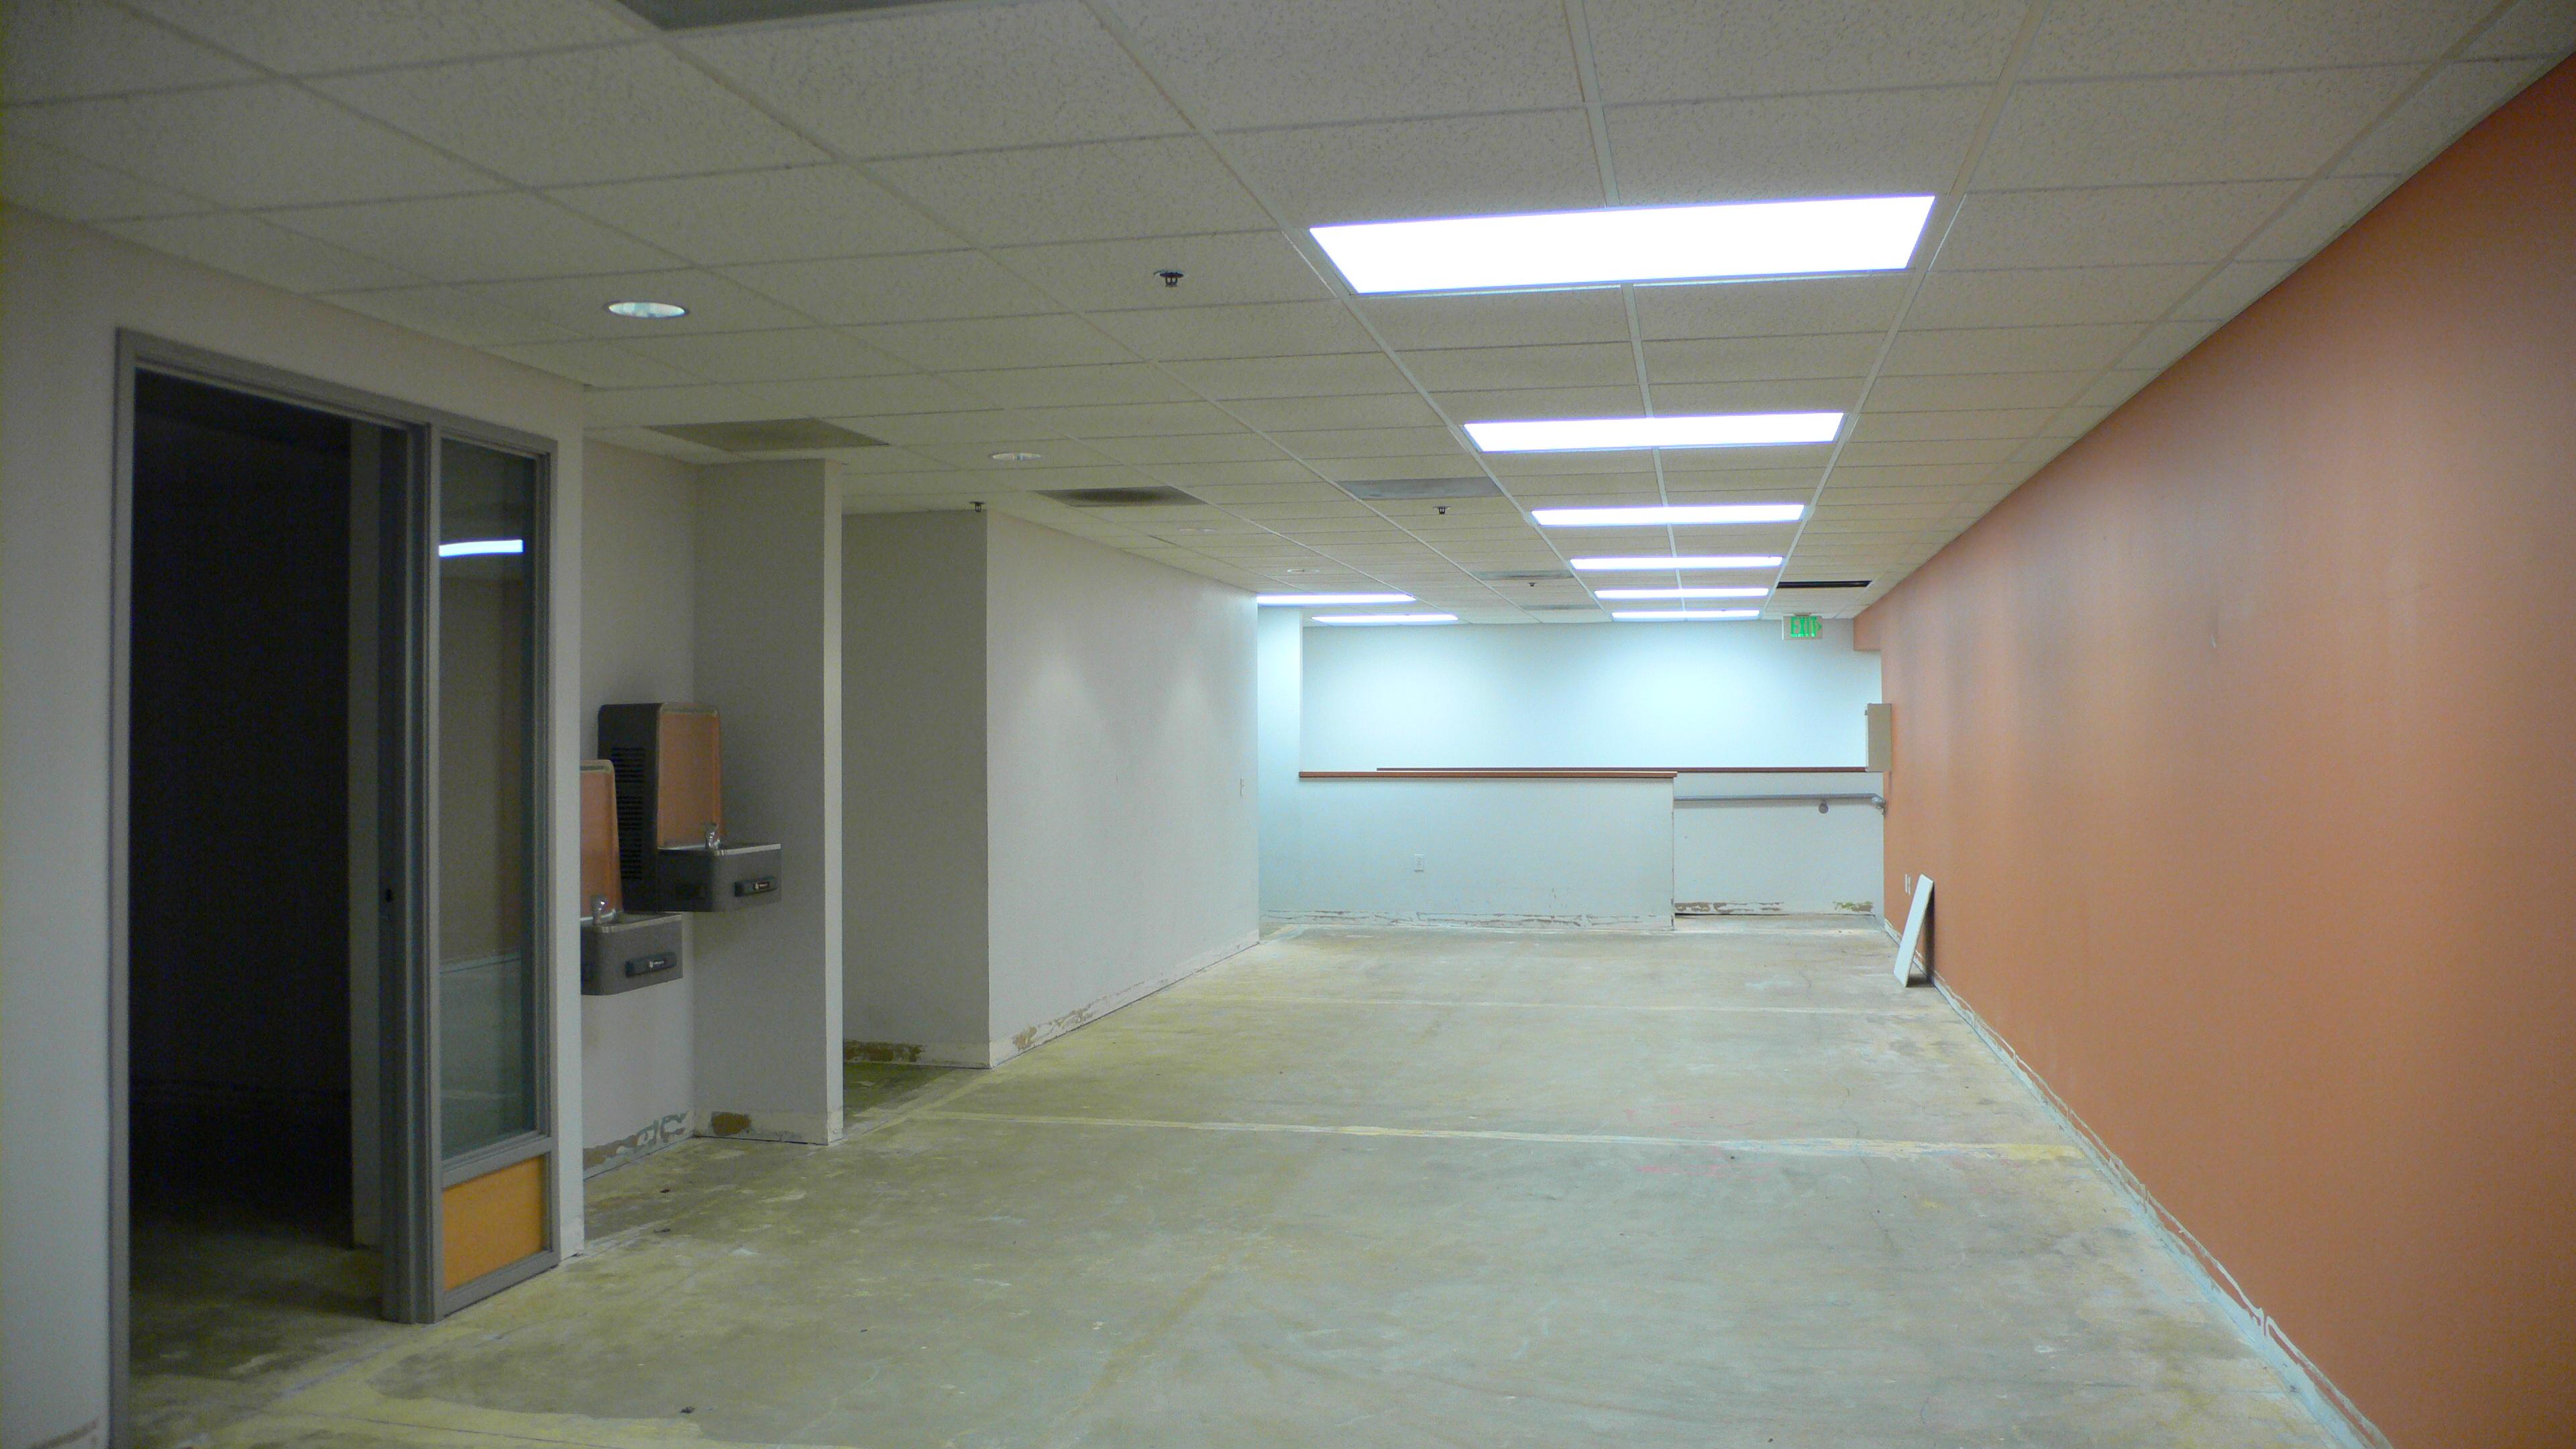 3741 interior 5 fl 1.jpg